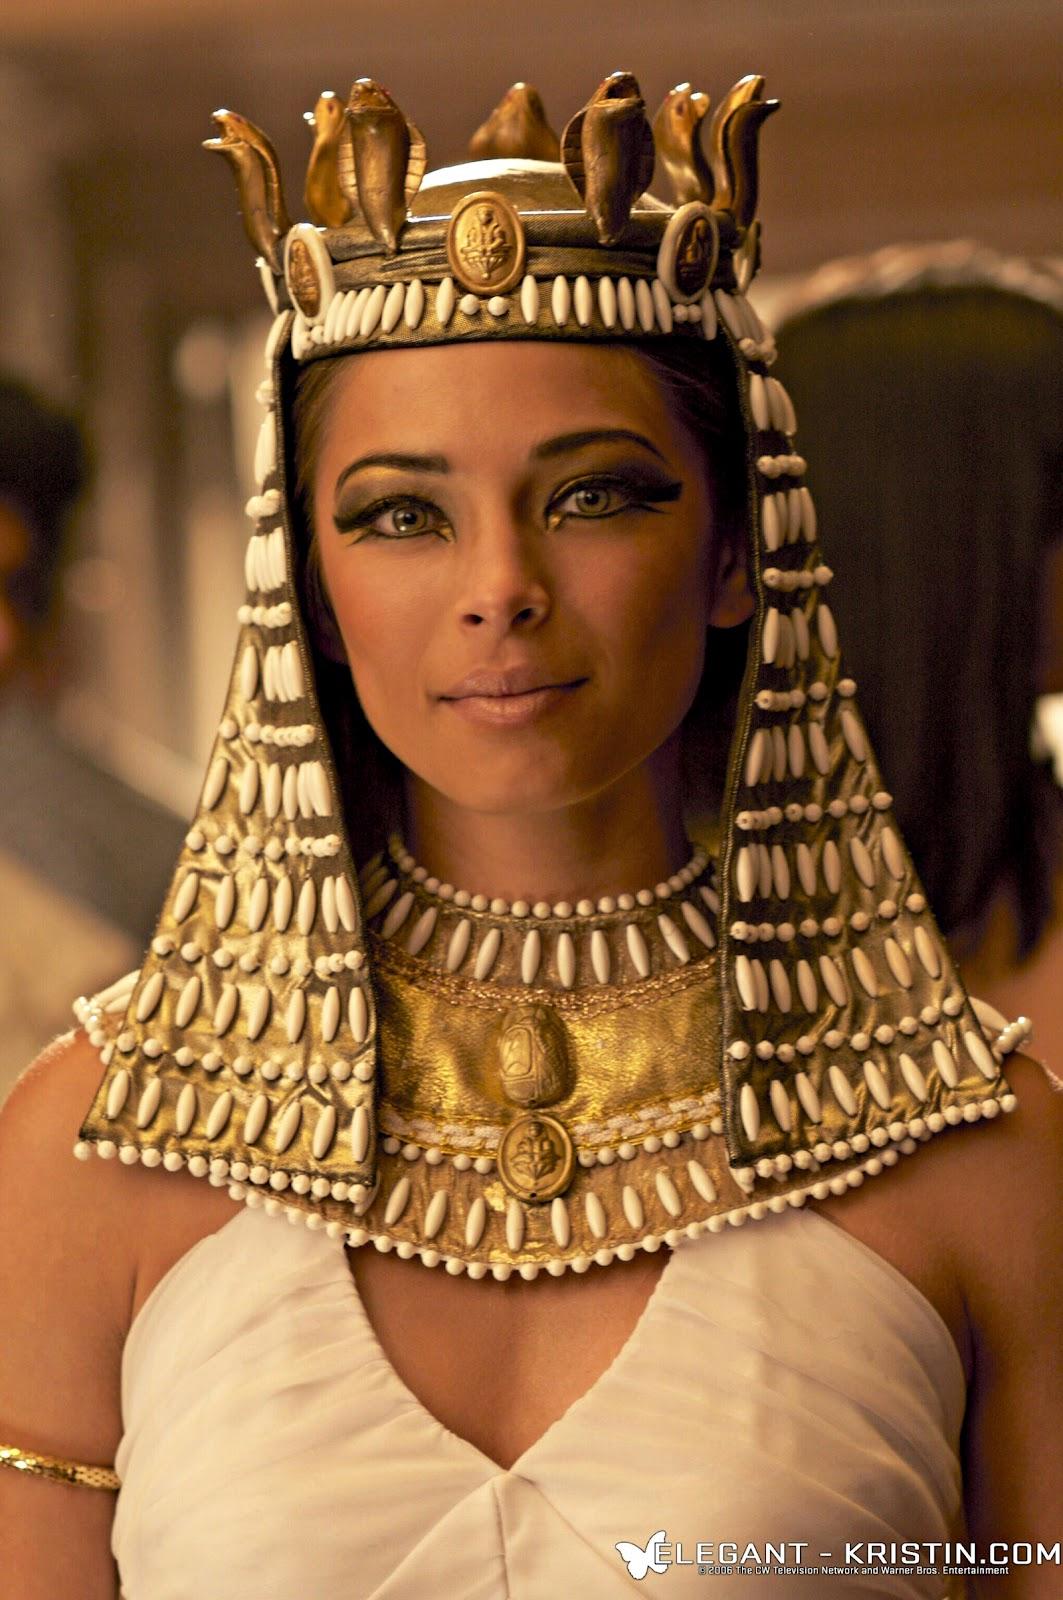 Kristin kreuk в роли великой клеопатры